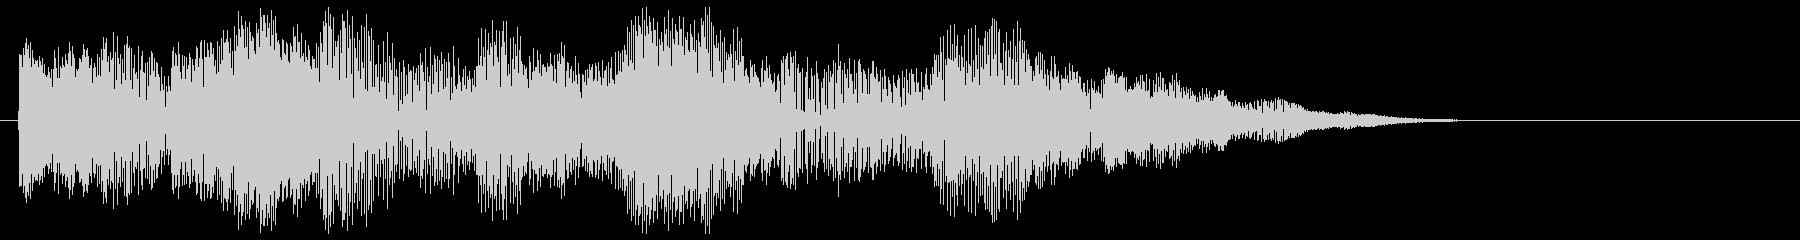 【クイズ】テンションがあがる正解音ですの未再生の波形